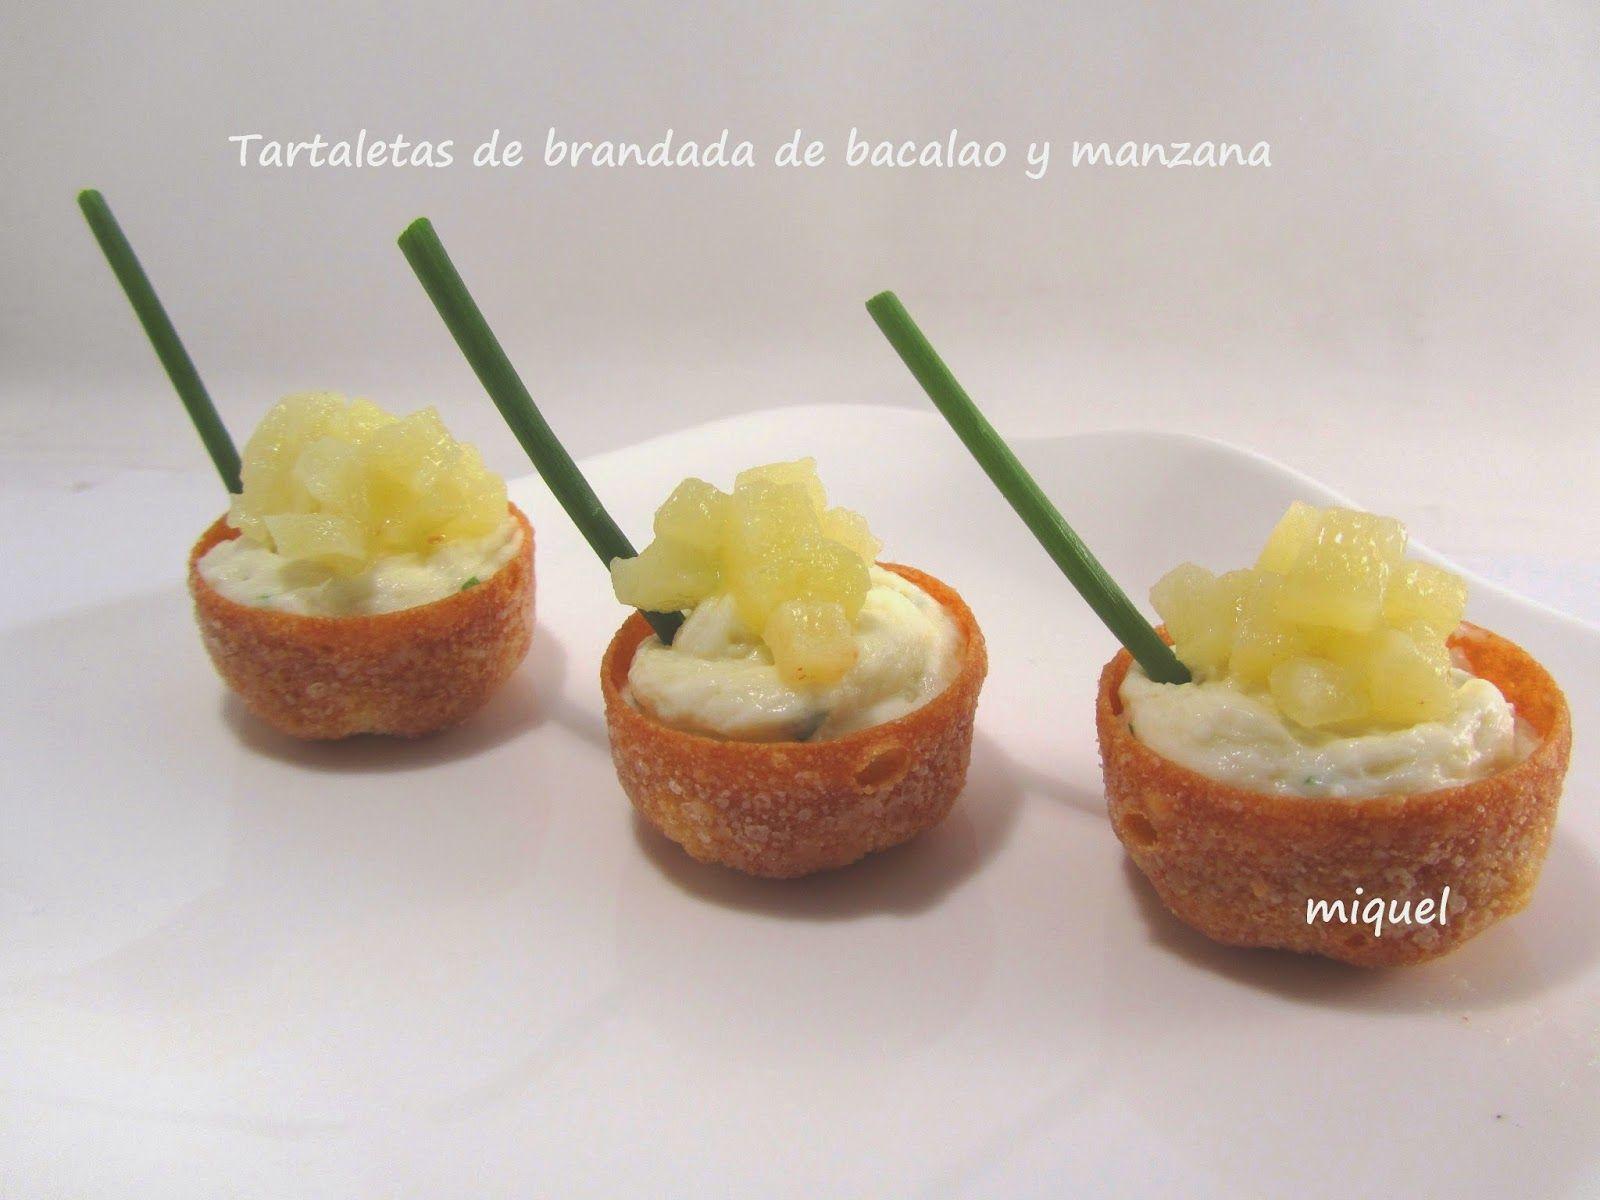 Les receptes del miquel tartaletas de brandada de bacalao - Aperitivos con bacalao ...